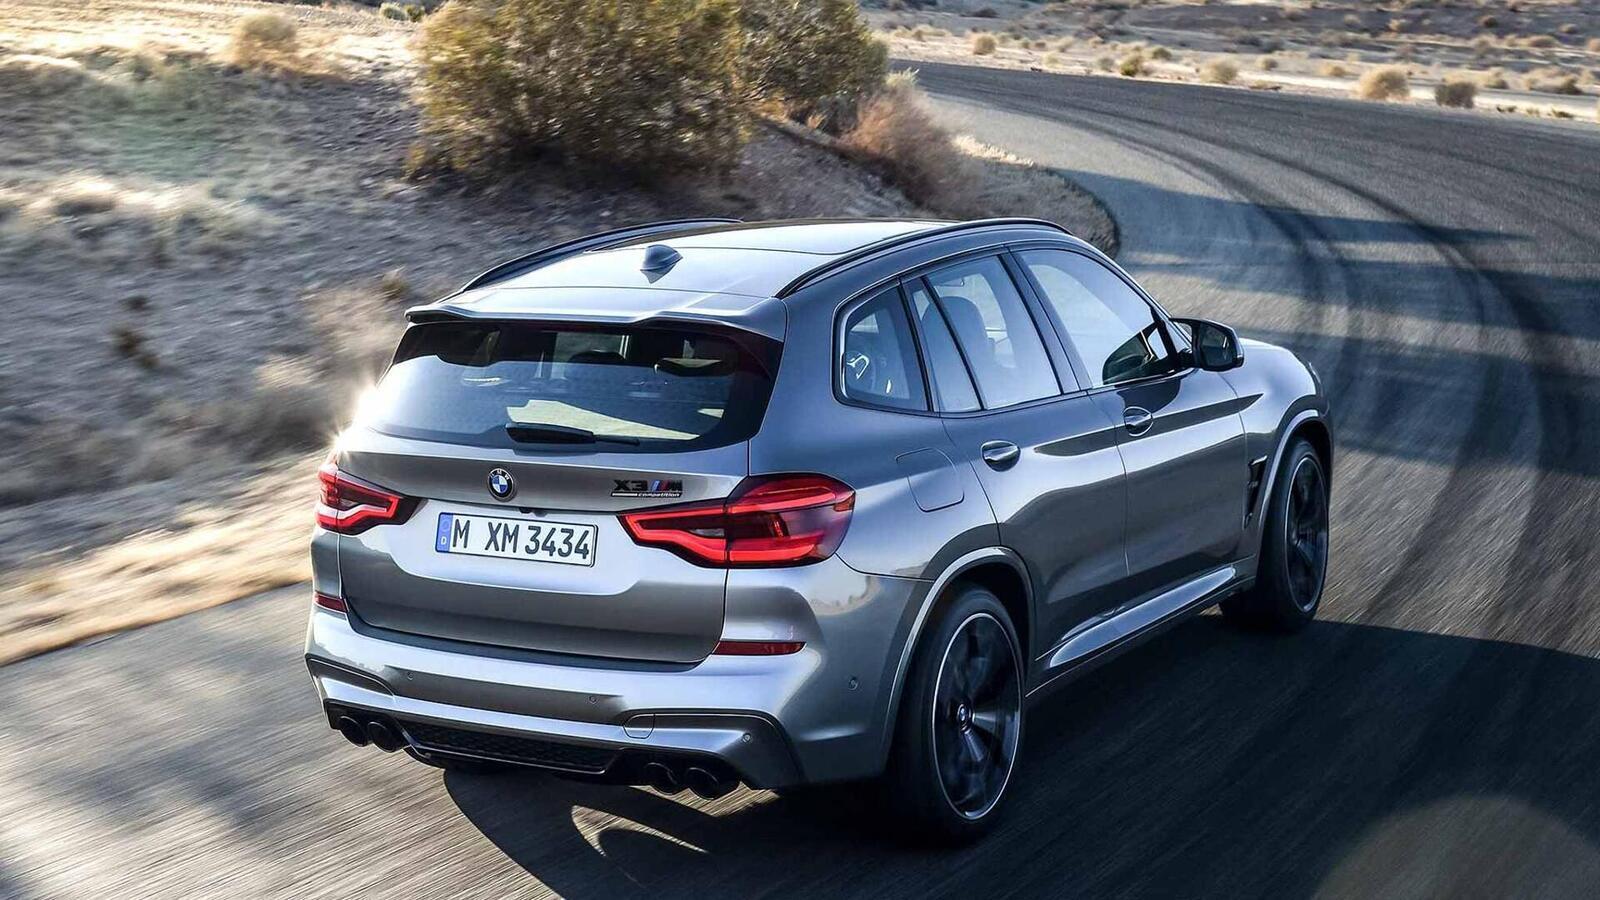 BMW X3 M và X4 M 2020 chính thức ra mắt: Mang trong mình sức mạnh từ 473 - 503 mã lực - Hình 15